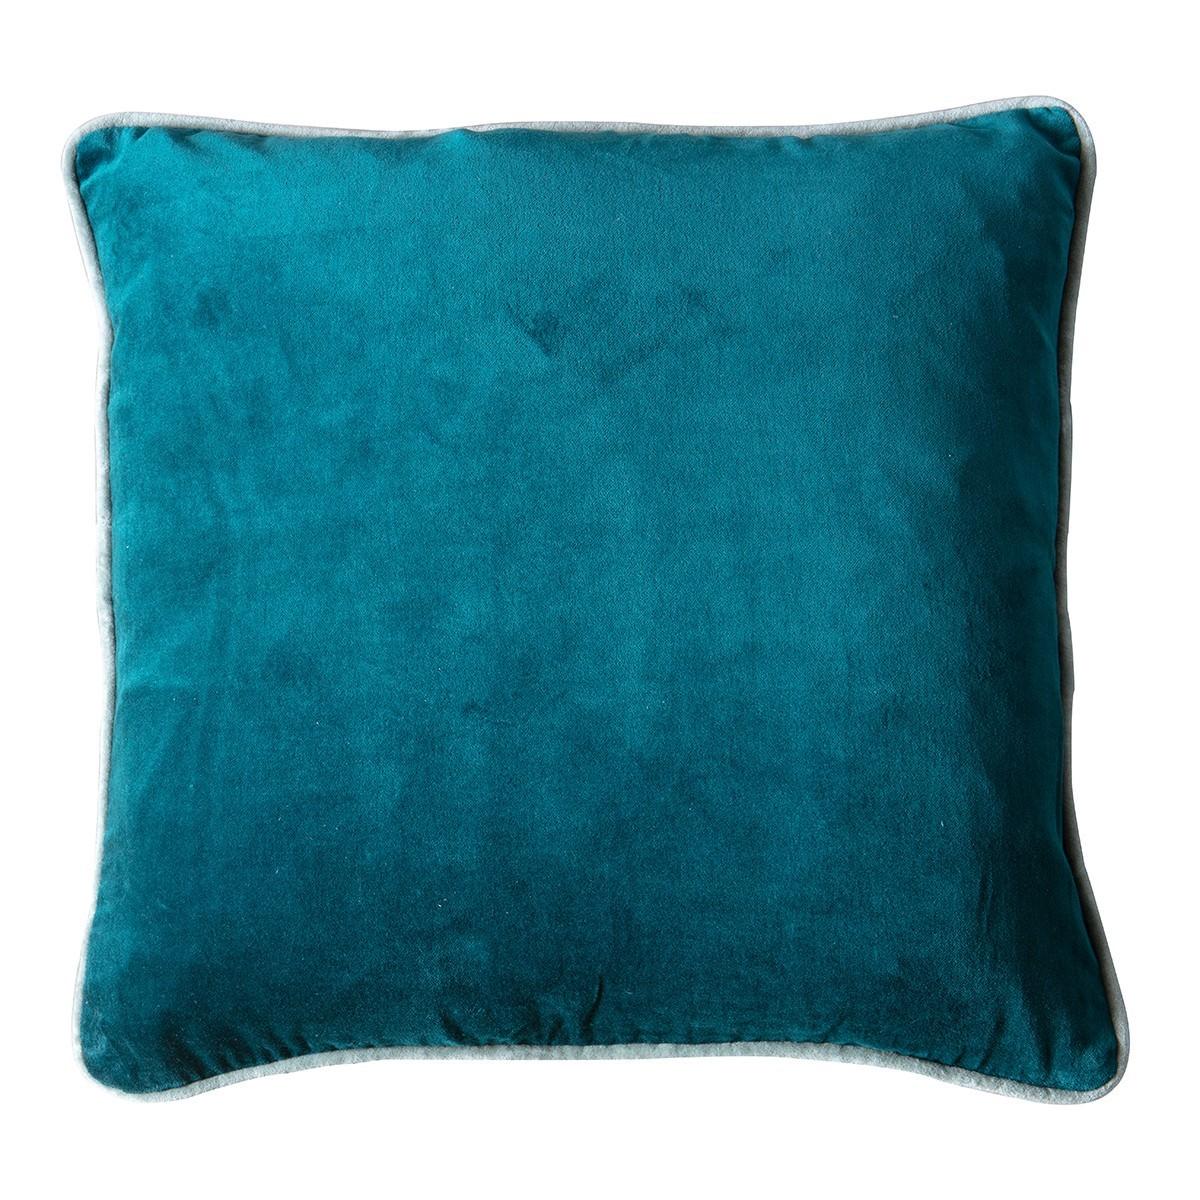 Eliza Feather Filled Velvet Scatter Cushion, Teal